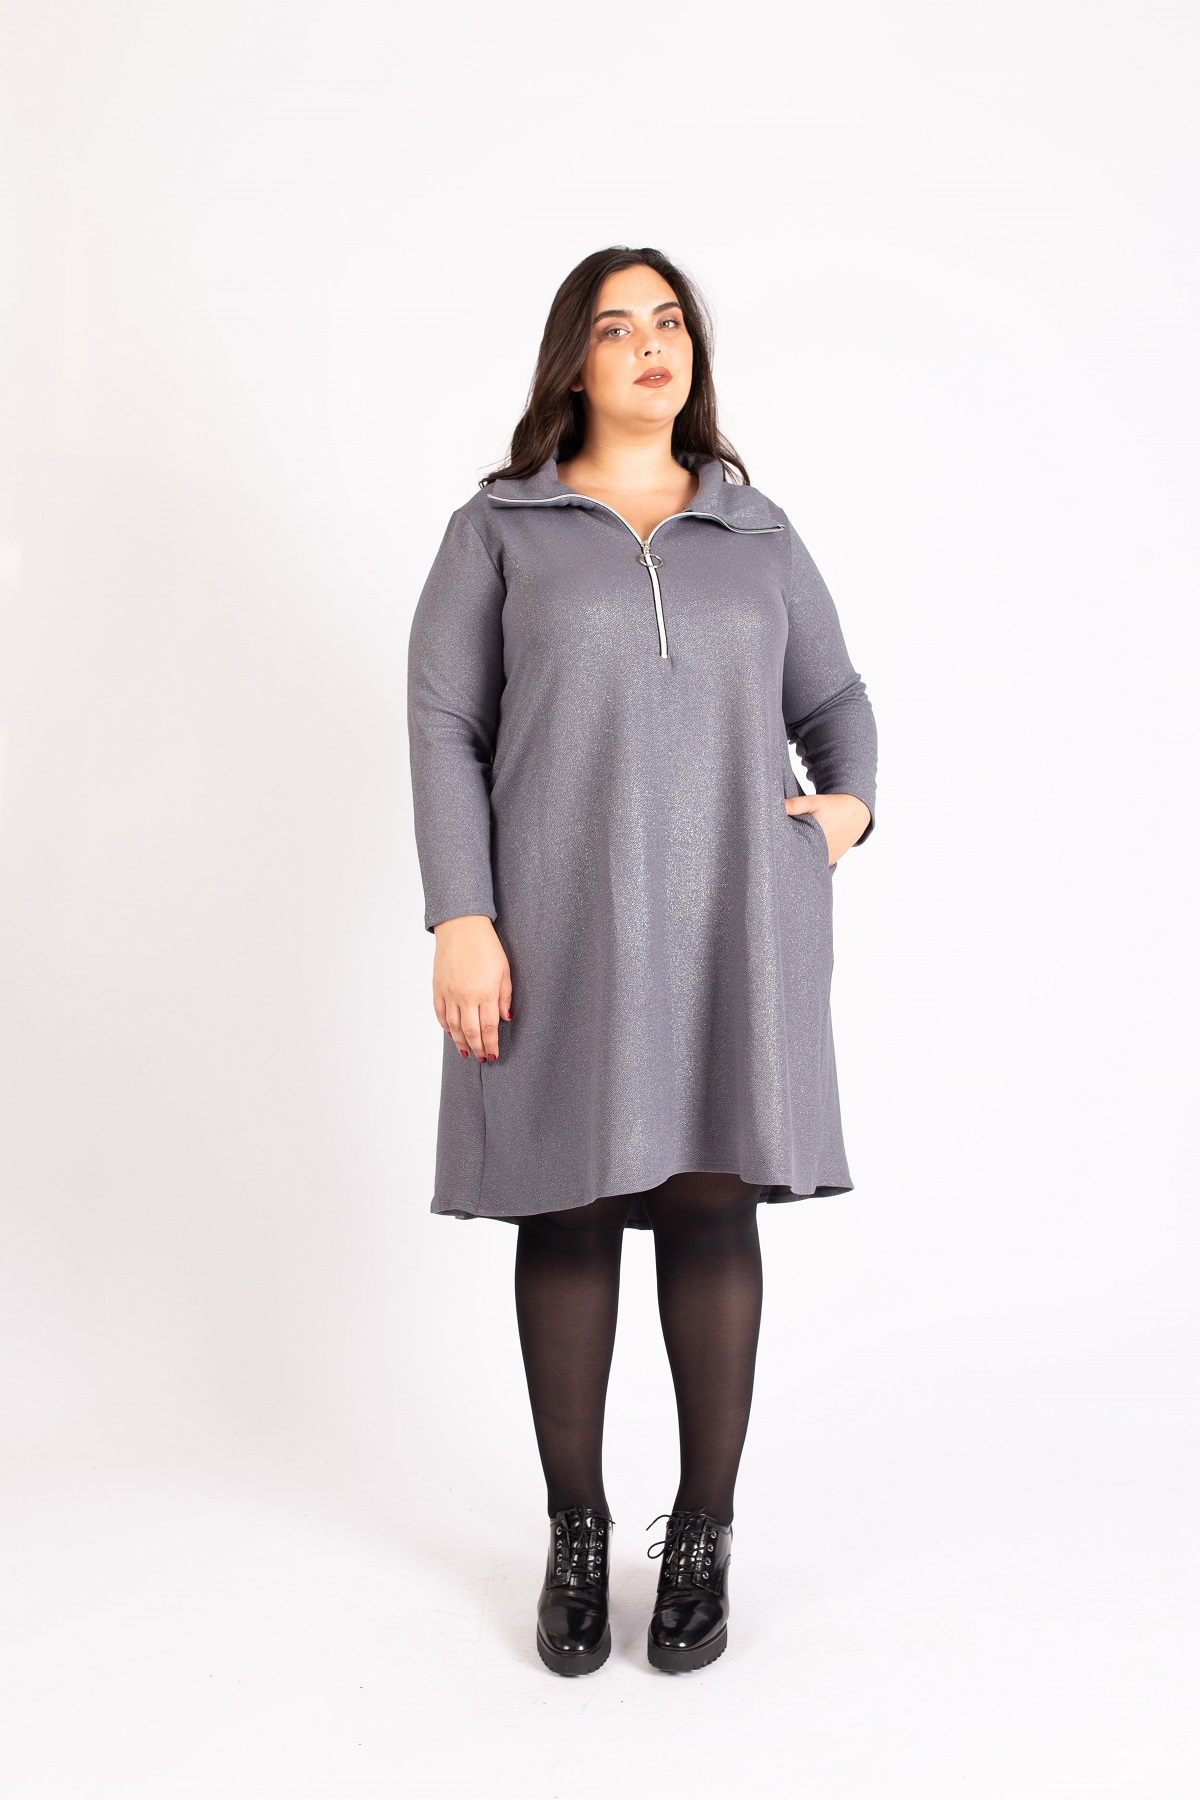 שמלת פריז לורקס בהיר